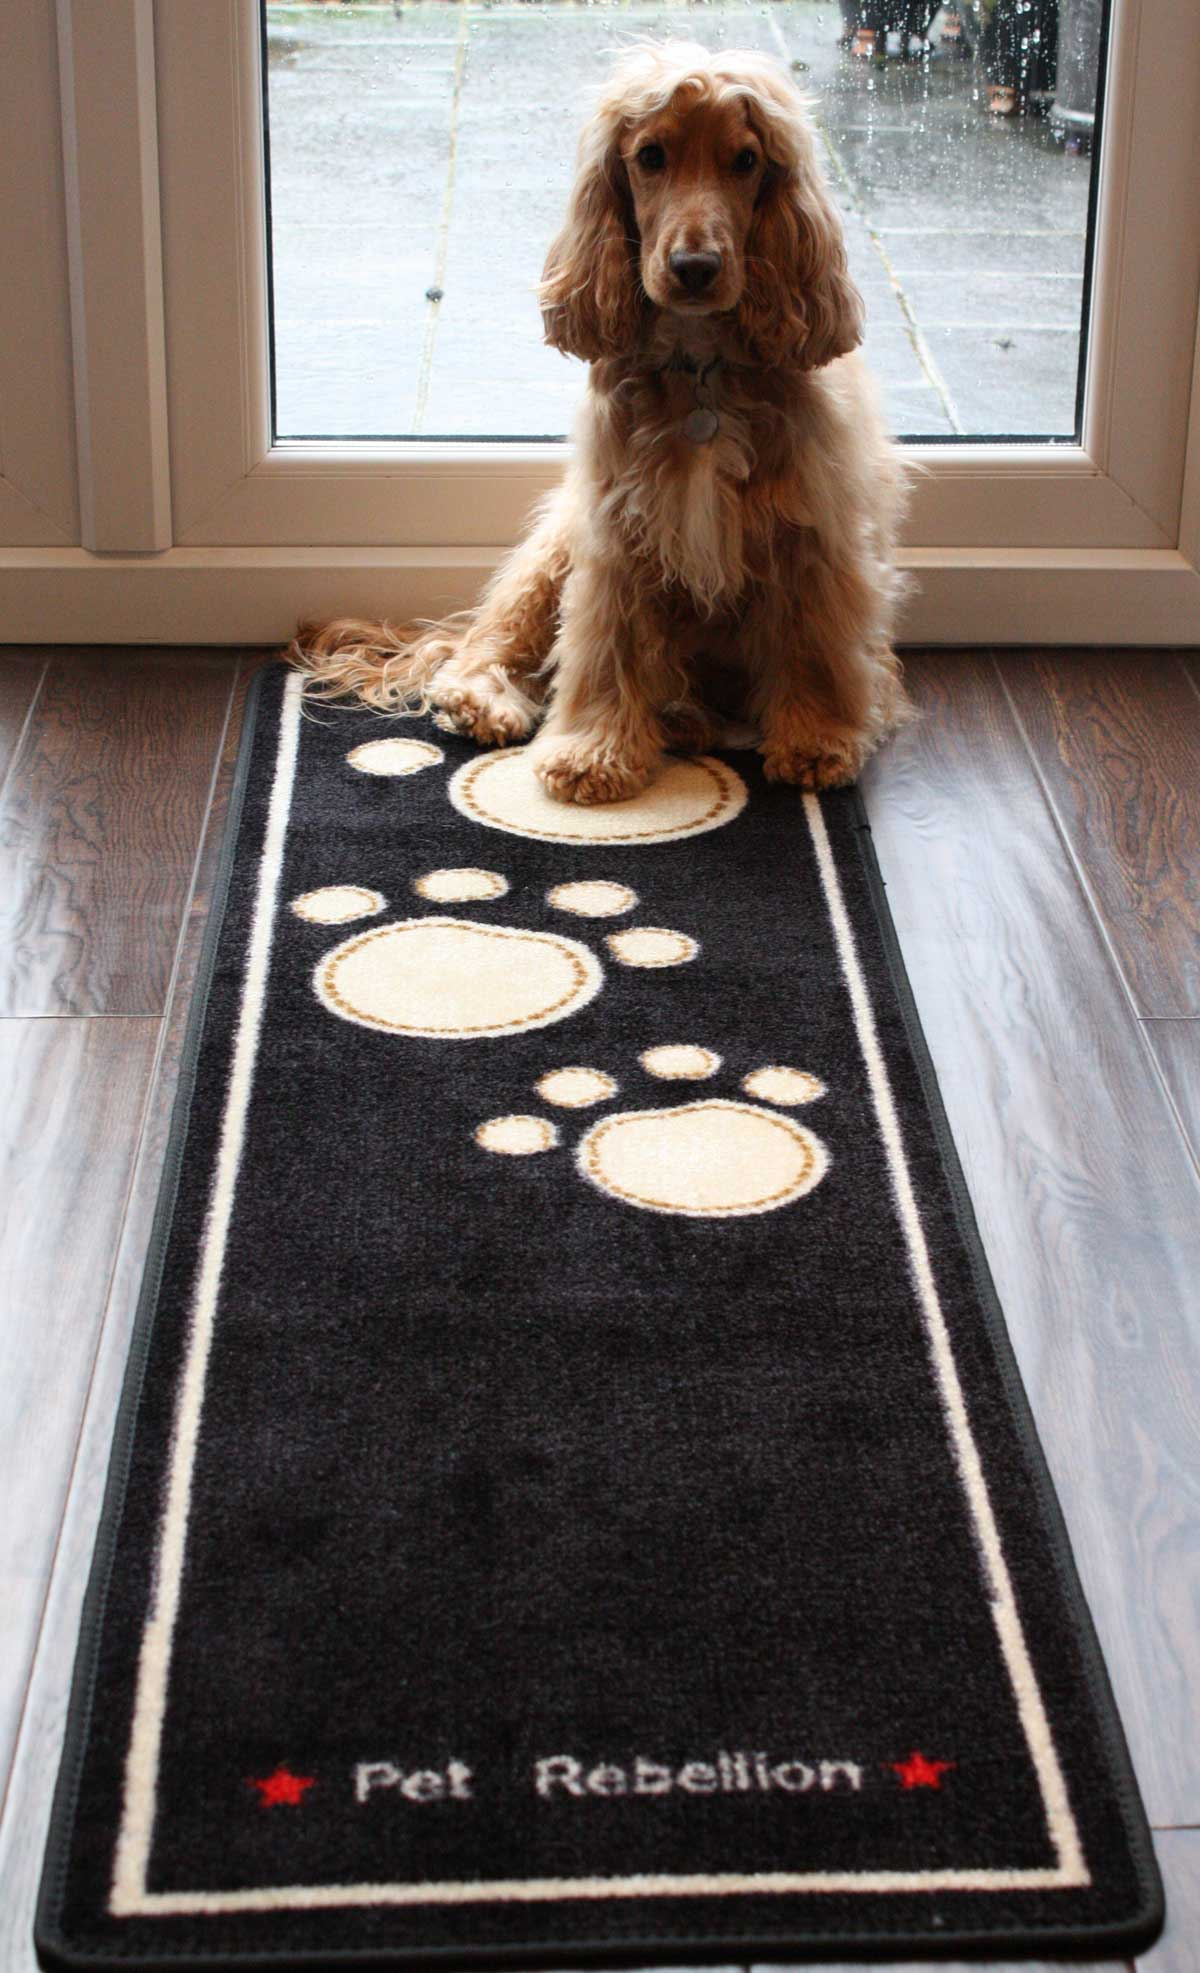 Pet Rebellion 🐶 Dog Runner Non Slip Dog Mat